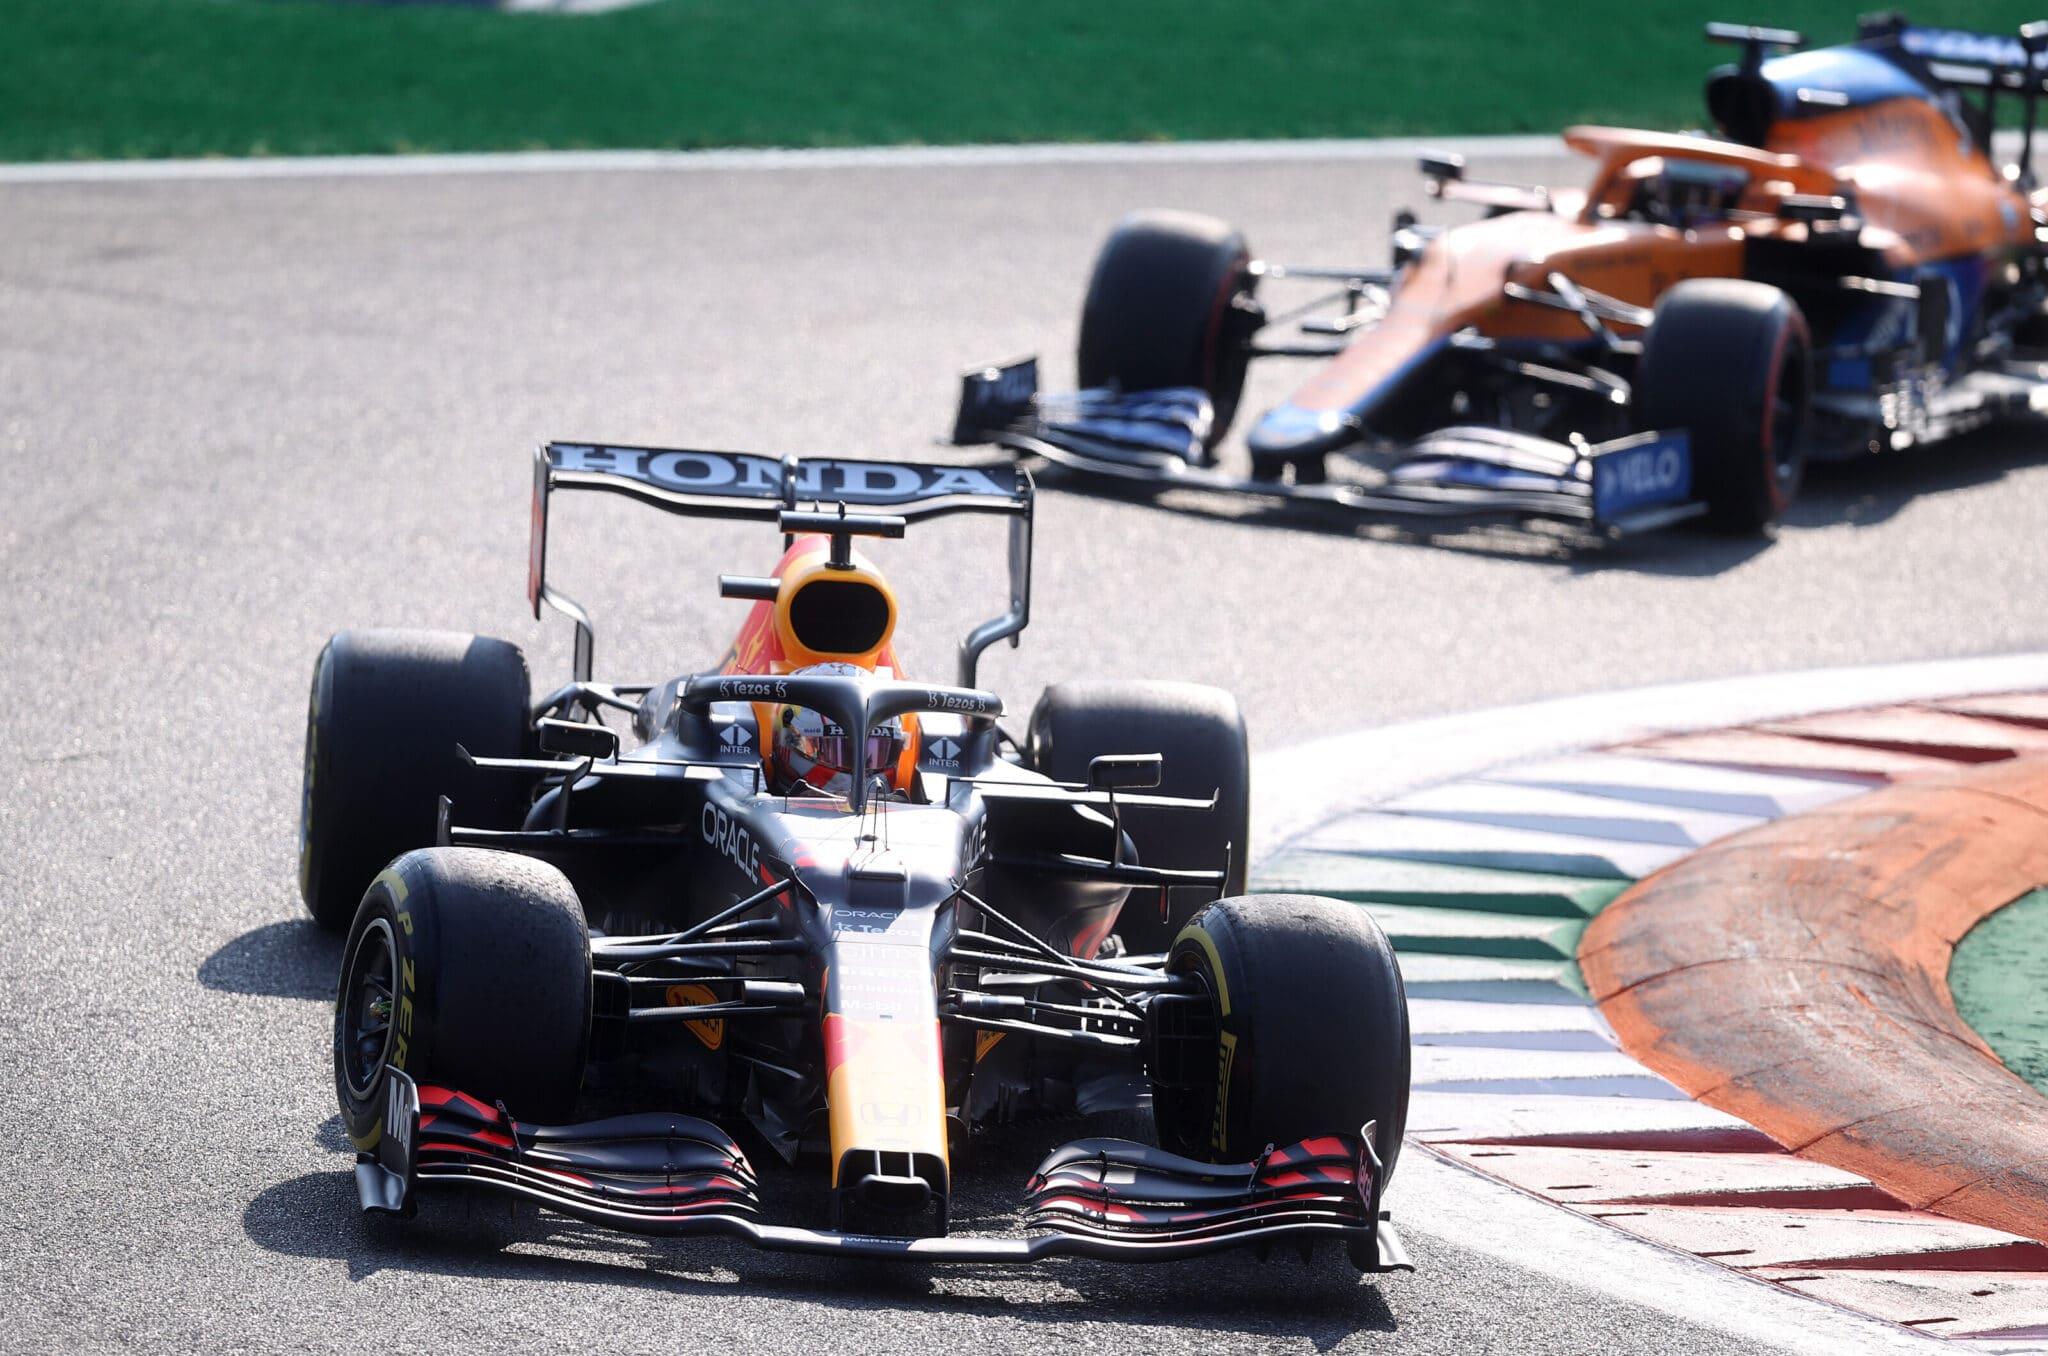 Max Verstappen sul circuito di Monza. Si può notare l'aerodinamica particolarmente scarica